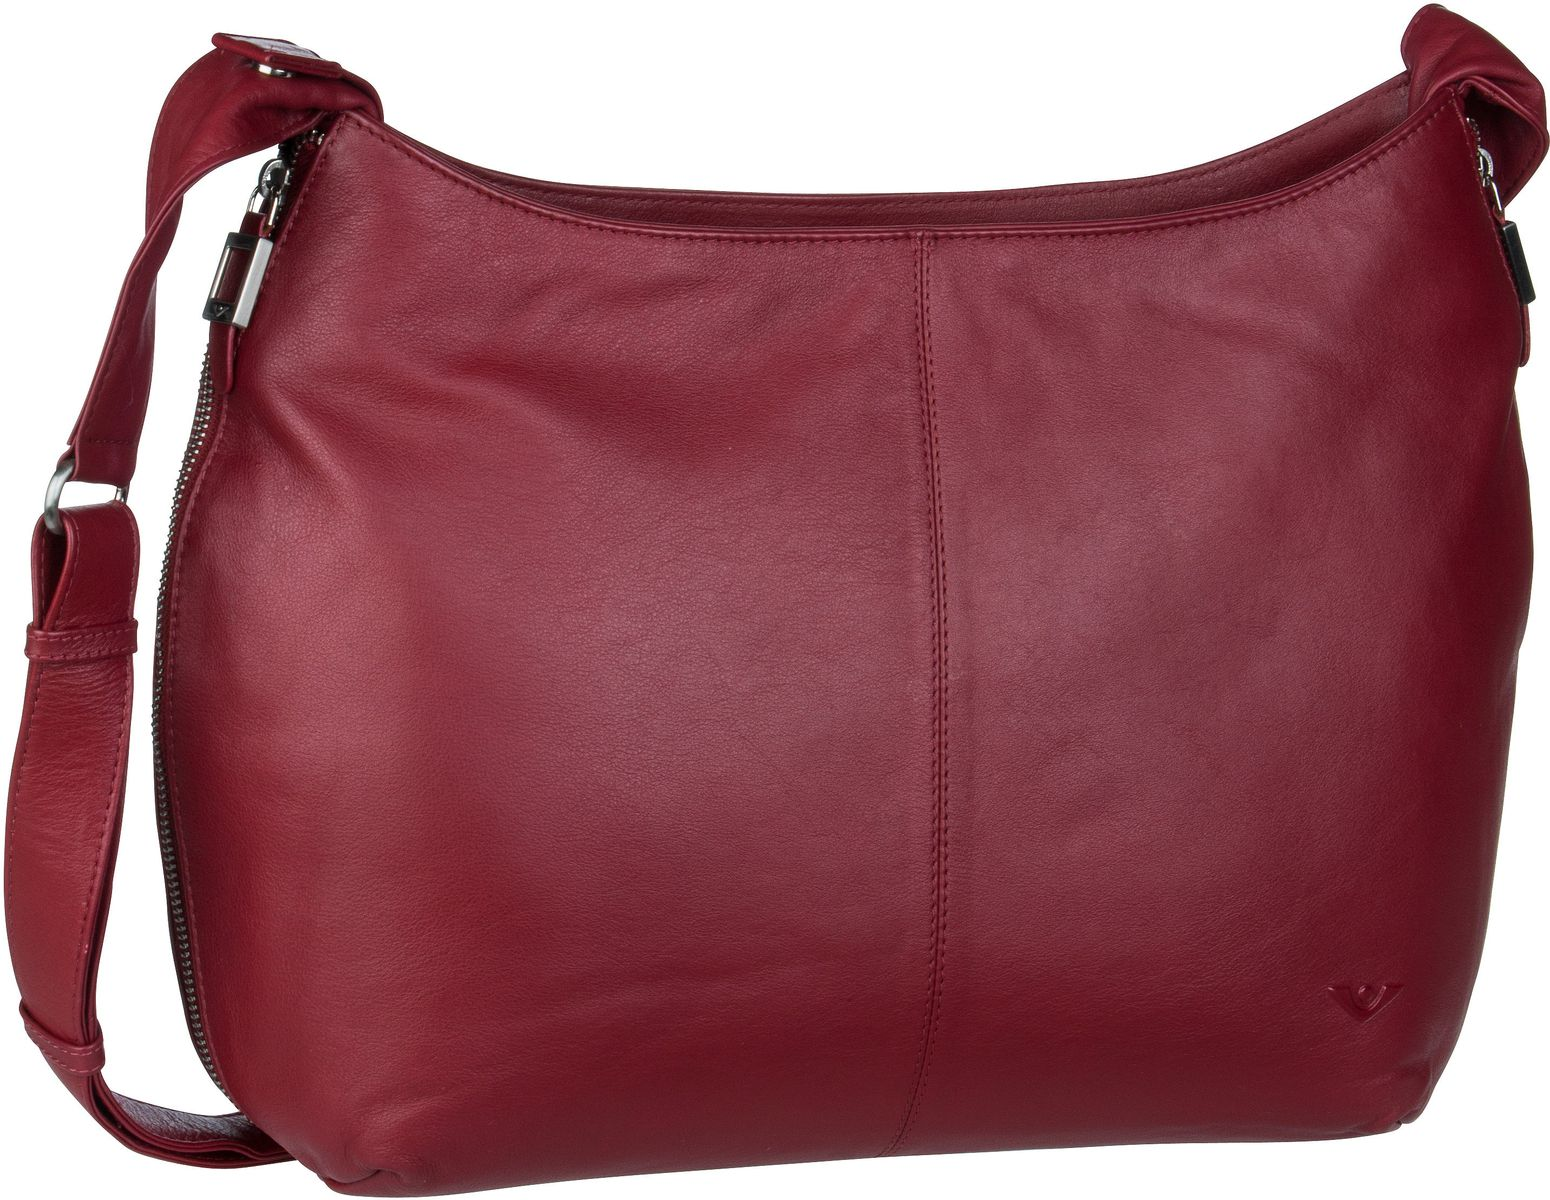 Voi Umhängetasche Soft 21553 Hobo Bag Granat